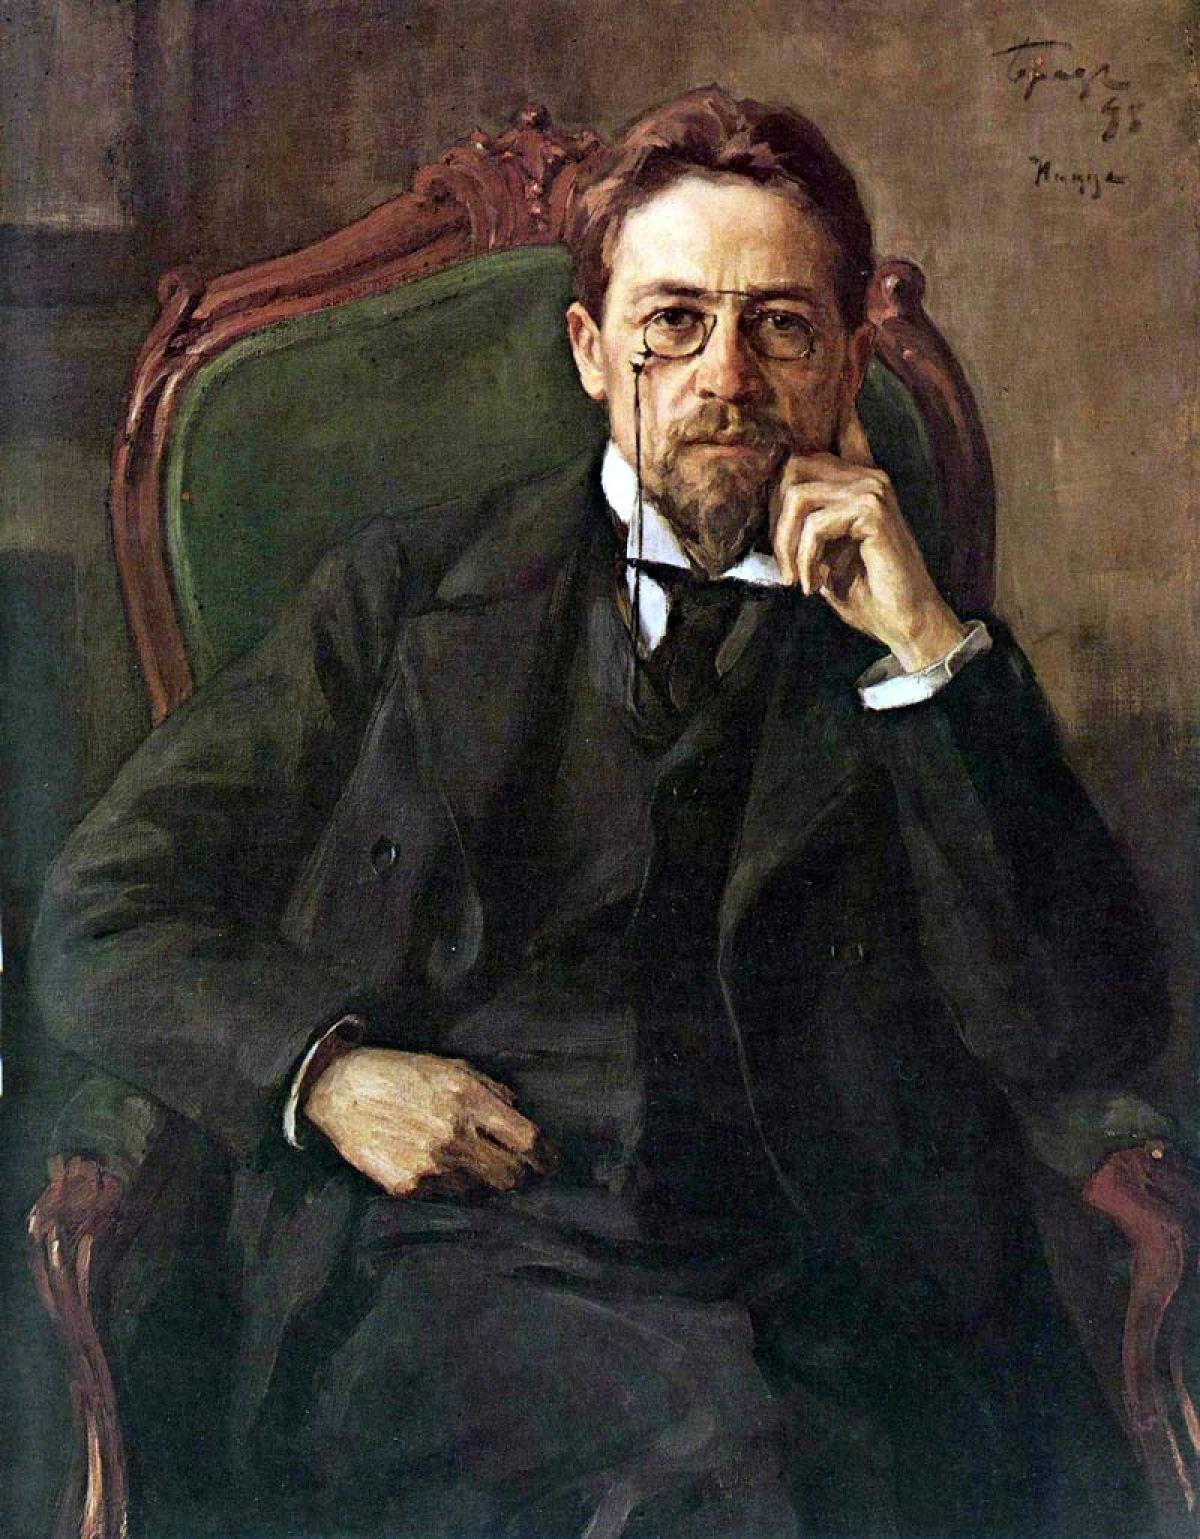 Portret Antona Čehova, avtor Osip Braz.